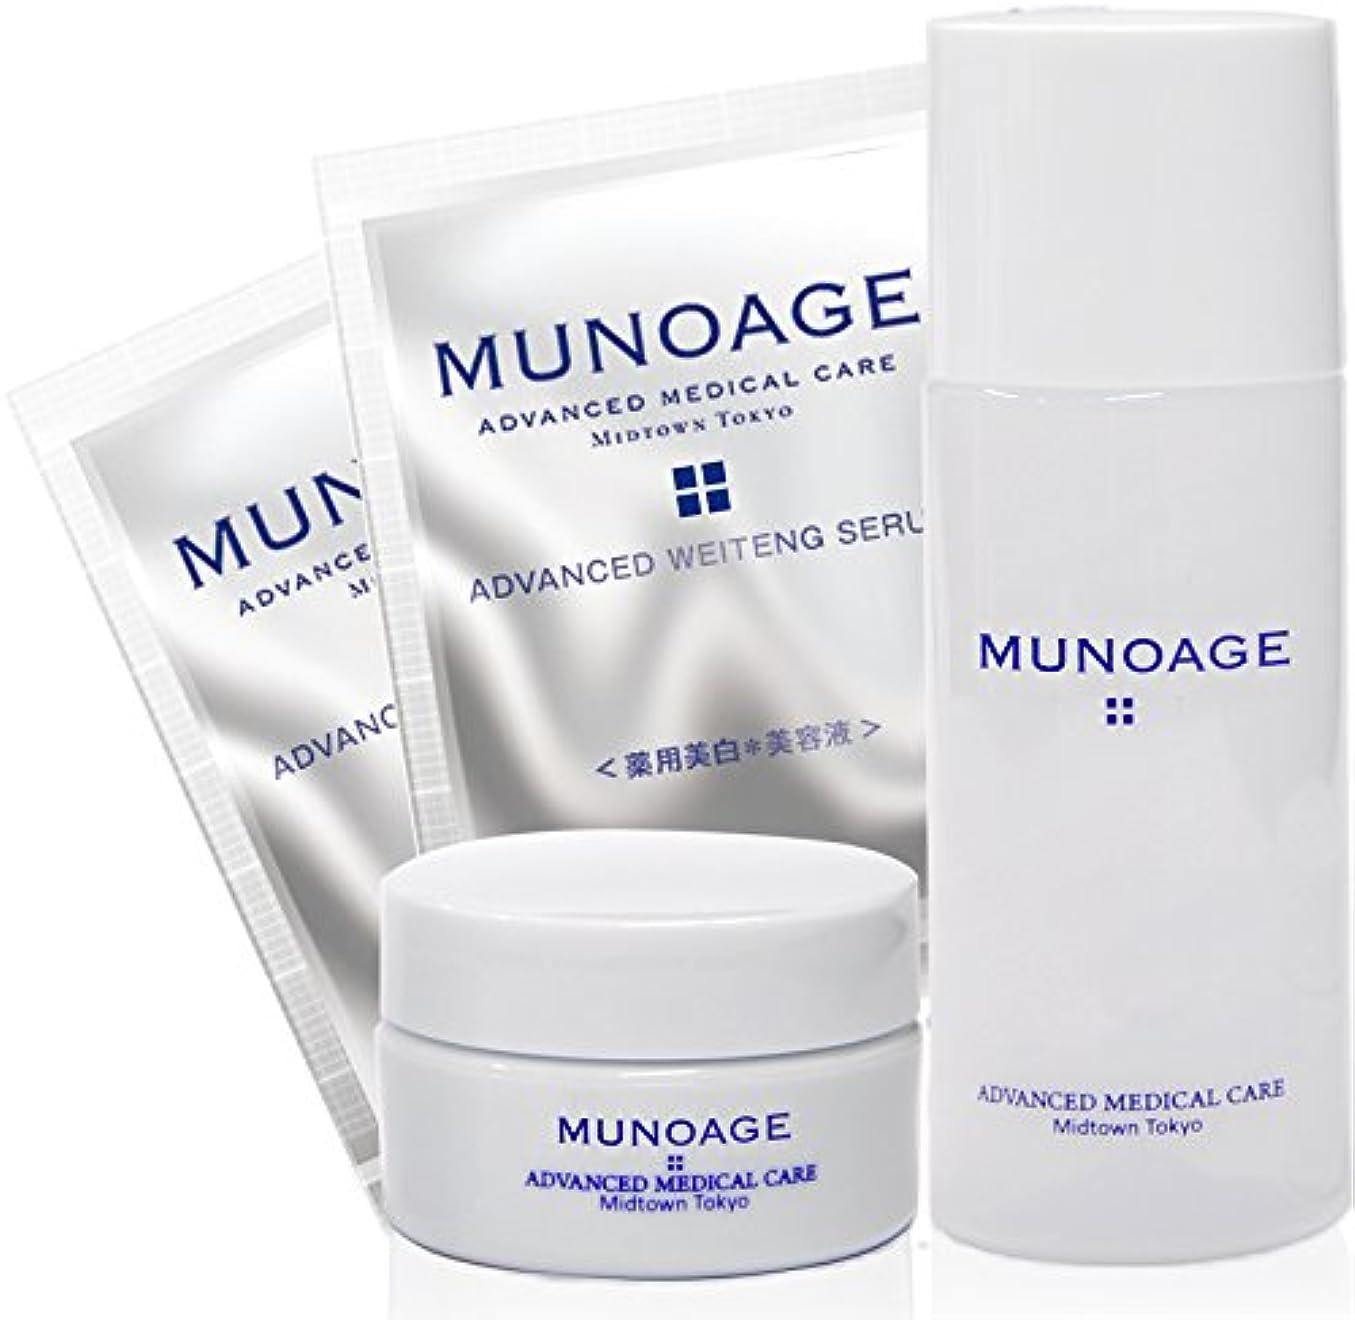 キノコ悪化する達成するミューノアージュ トライアルキット(ローション30mL、クリーム7g、美白美容液2mL×2)